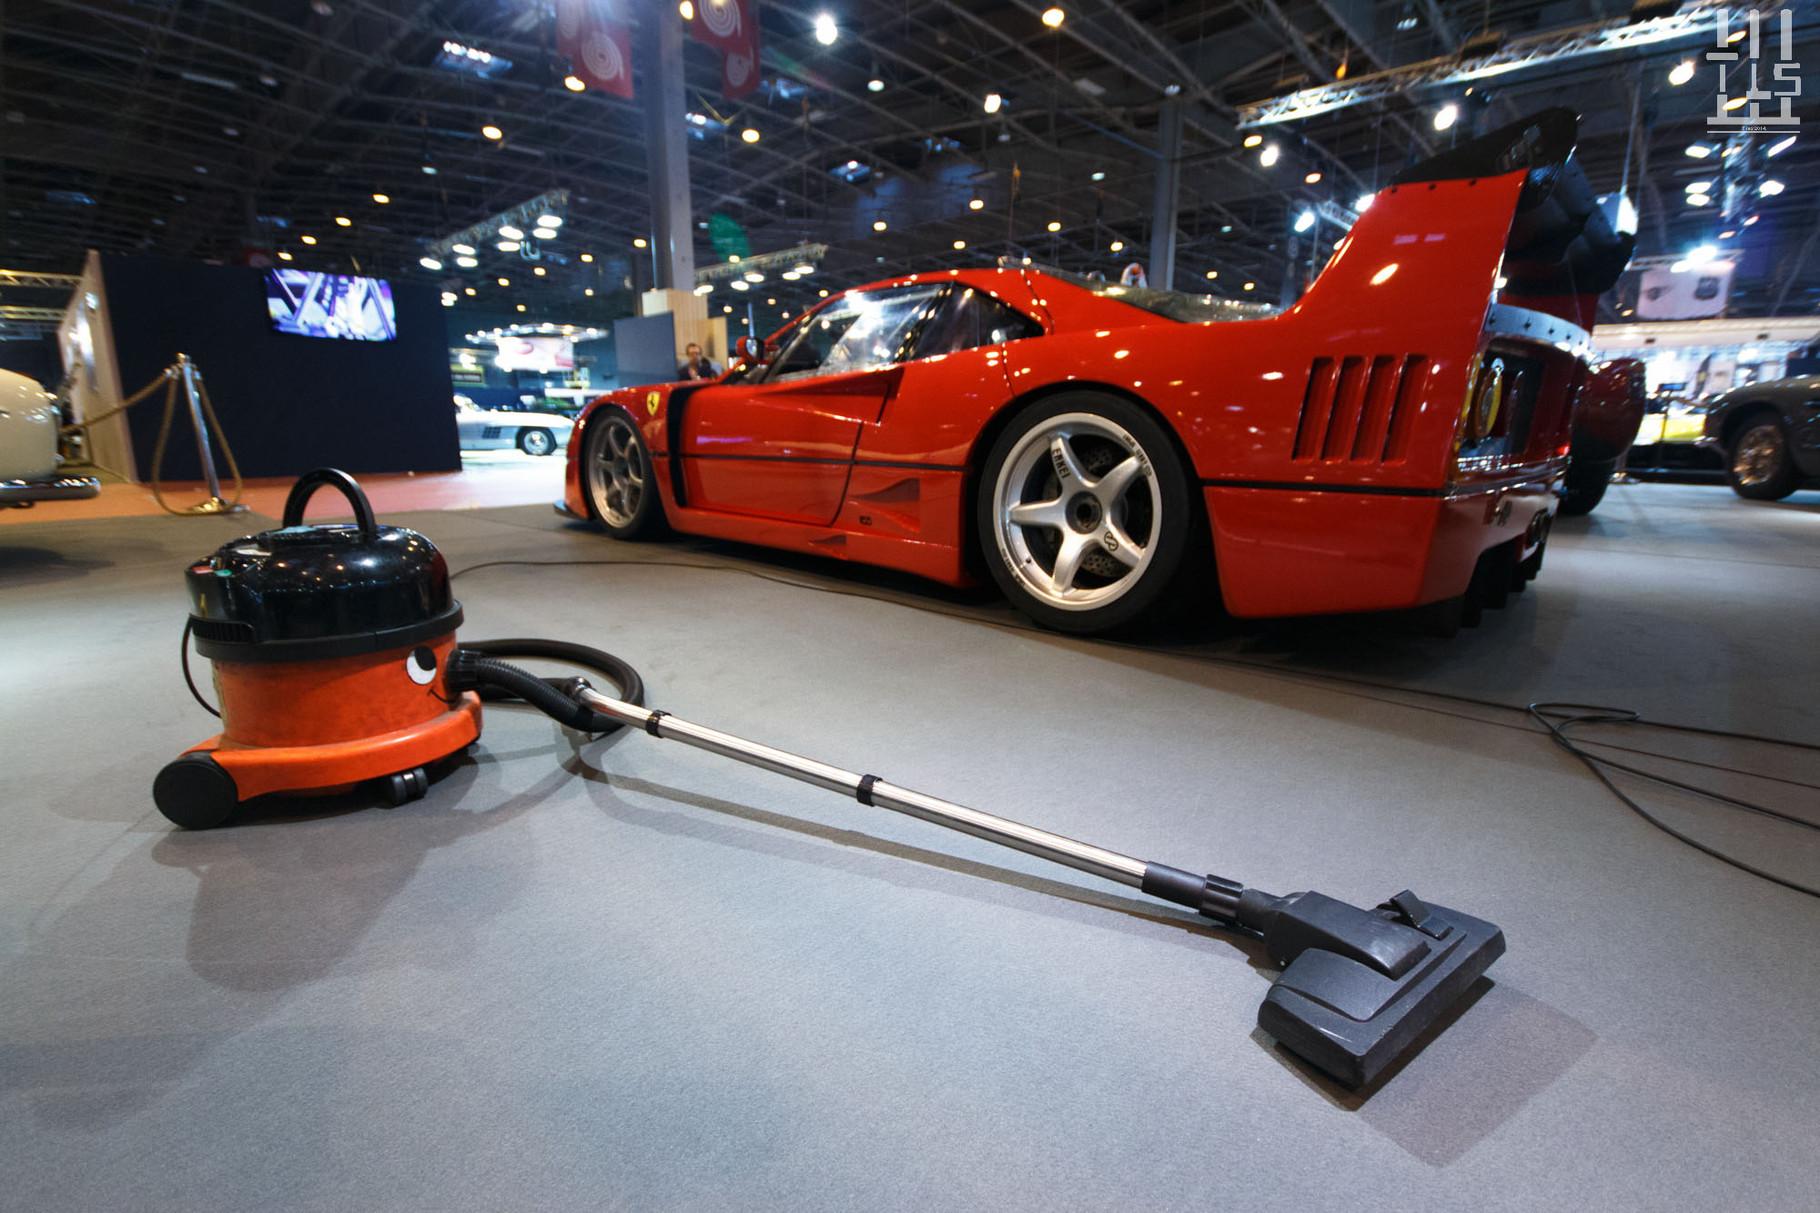 Mais l'auto que je préfère sur le stand, peut être même de tout le salon, est incontestablement cette Ferrari F40 LM. C'est la première que je vois à ma connaissance. Il y en avait bien une au Mans Classic en 2012 mais je ne l'ai pas vue. J'adore.